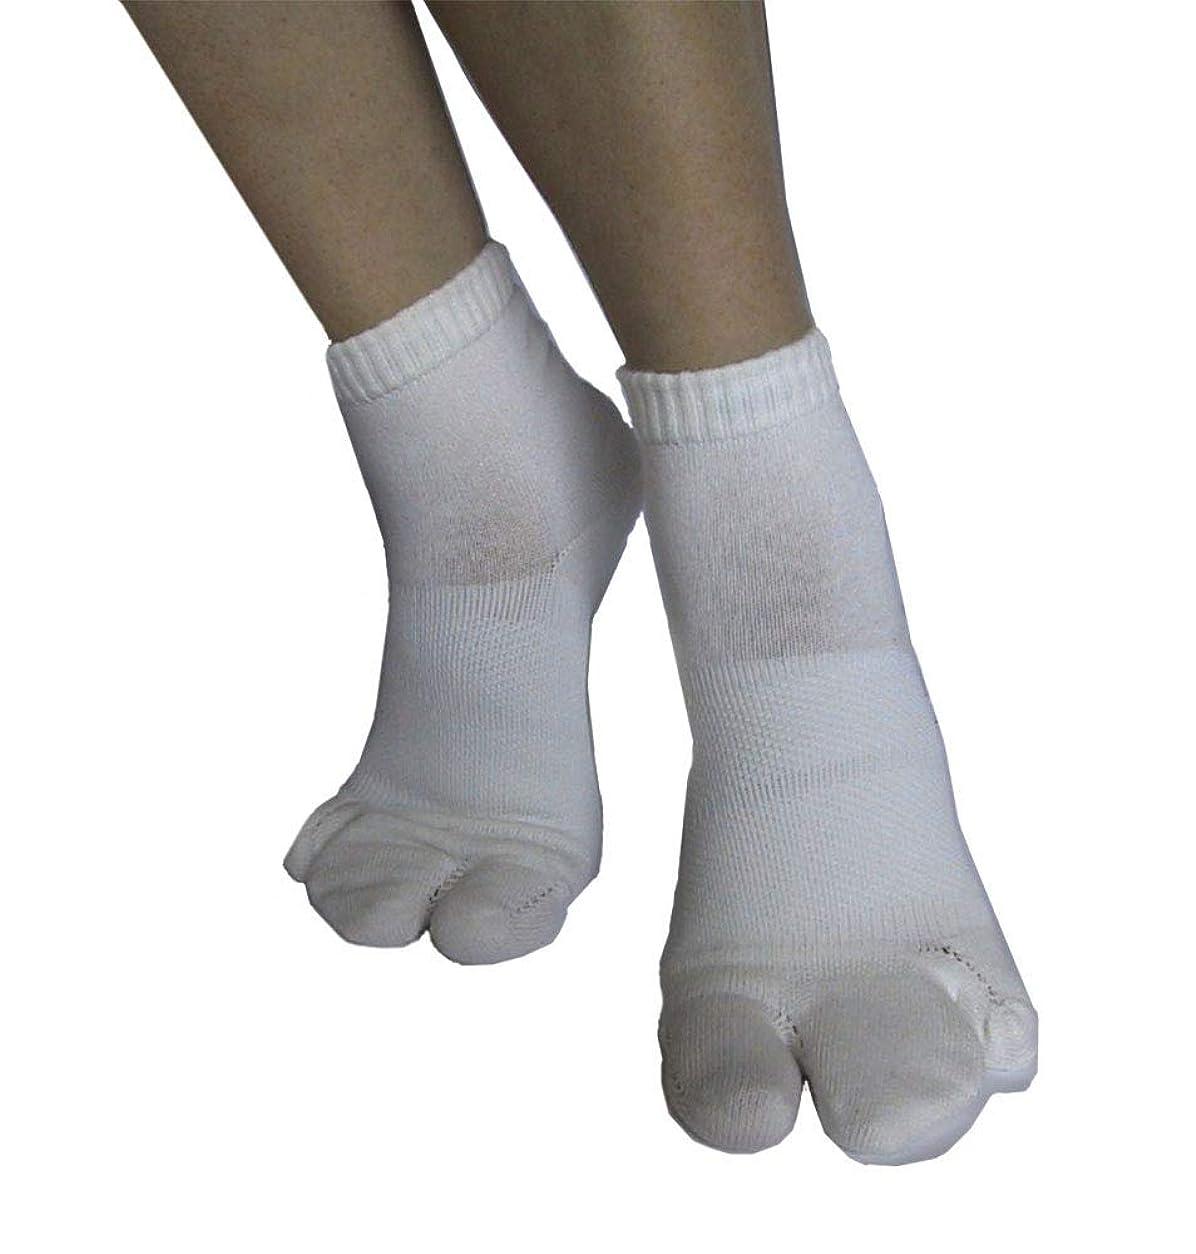 美しい綺麗な防ぐカサハラ式サポーター ホソックス3本指テーピング靴下 ホワイトS 22-23cm